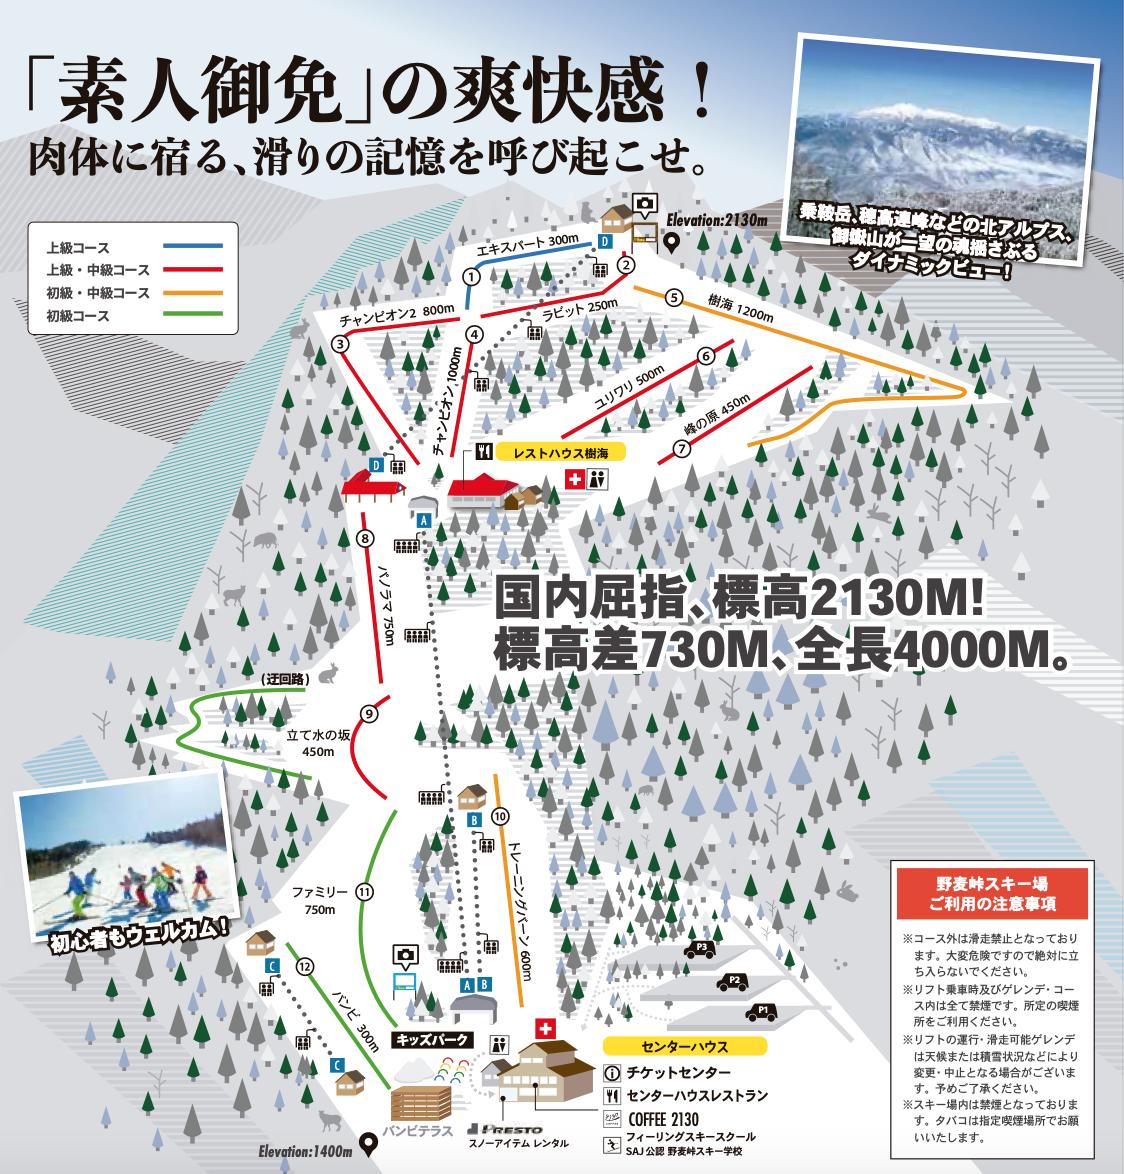 f:id:akira-fj:20210222055602p:plain